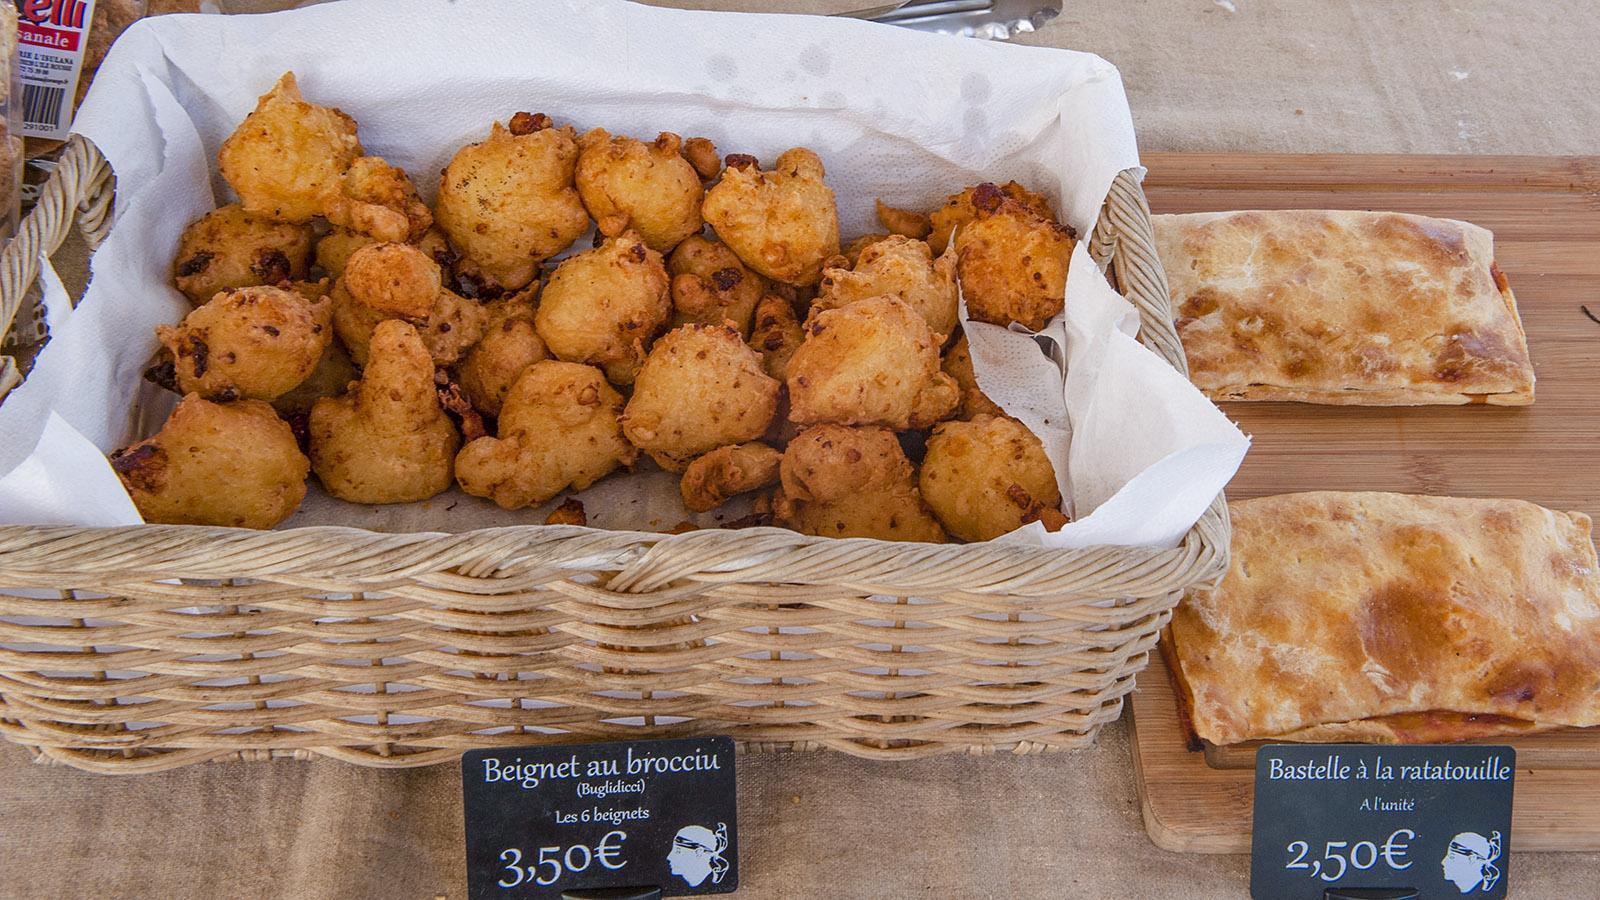 Aus Brocciu-Käse werden leckere Krapfen zubereitet. Foto: Hilke Maunder